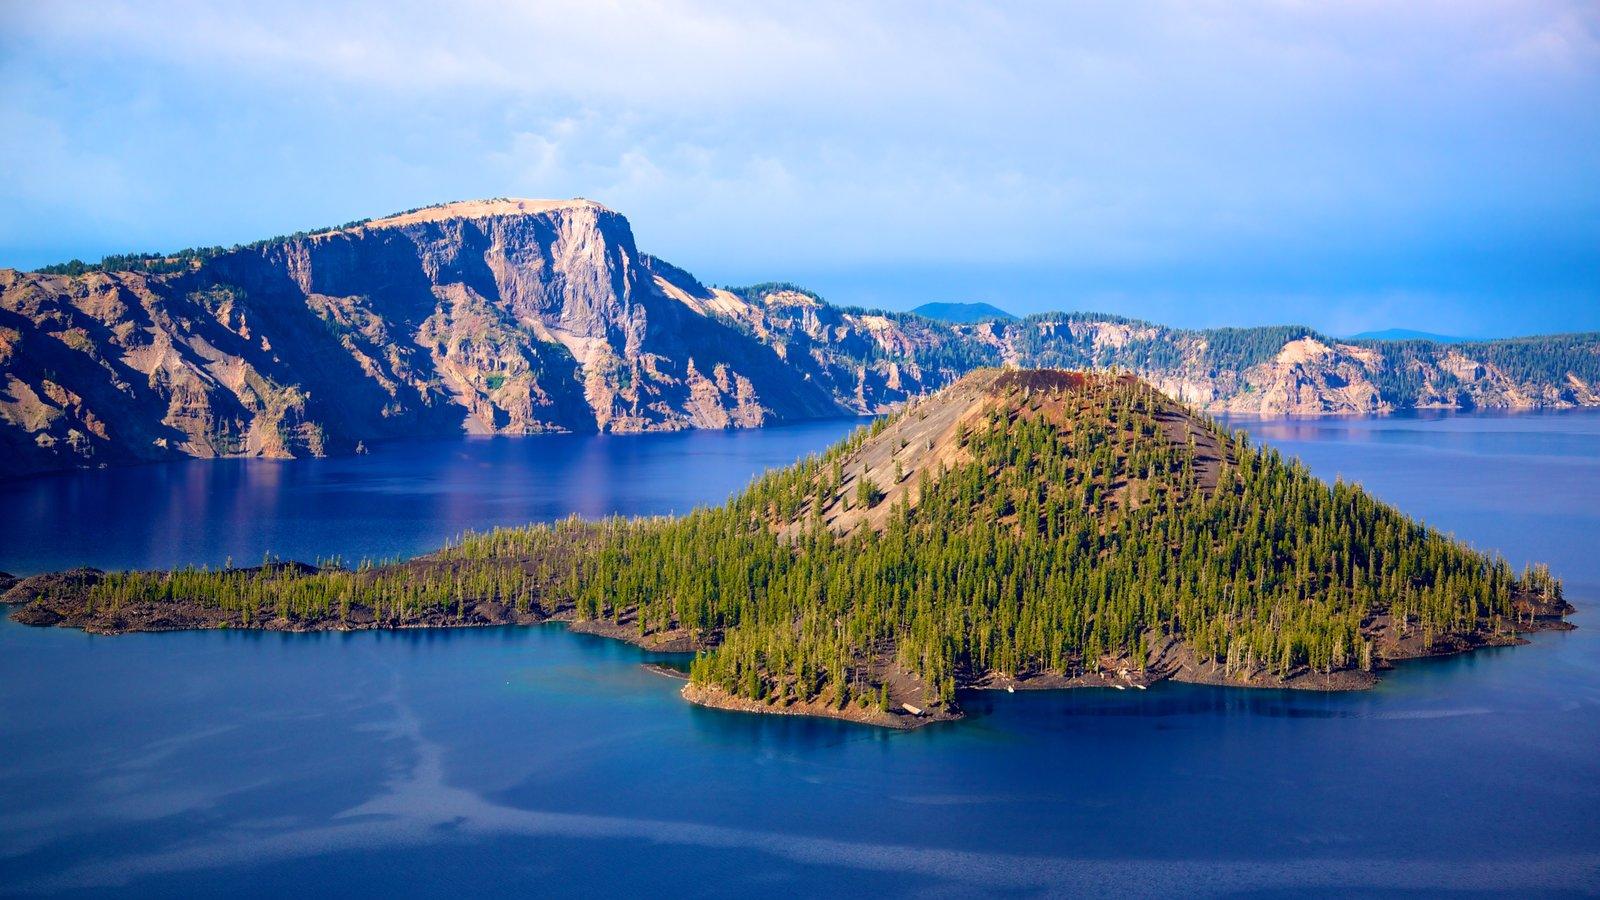 Parque Nacional Lago del Cráter mostrando un lago o abrevadero, montañas y imágenes de una isla